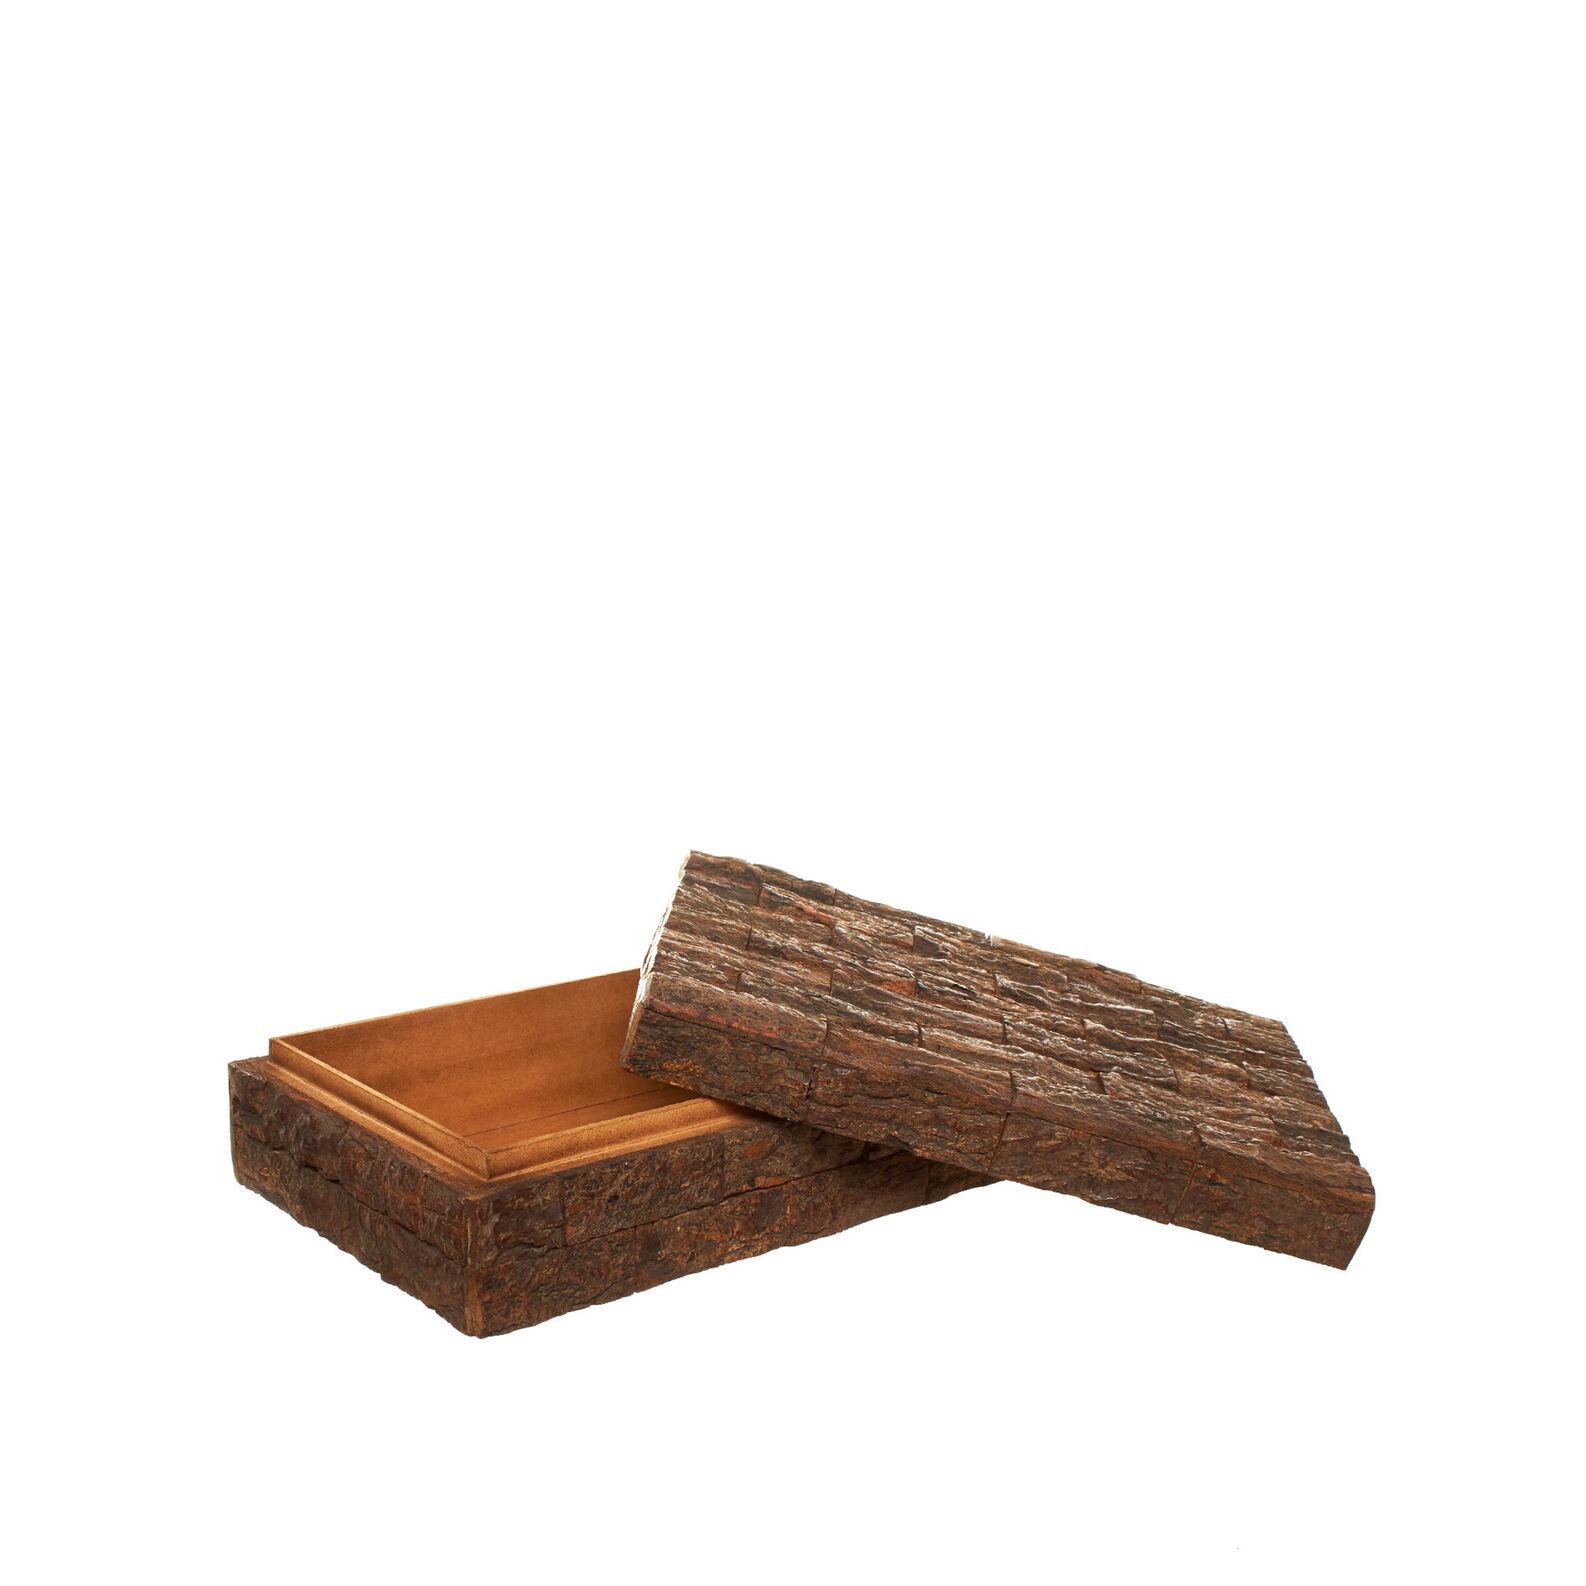 Bark-effect cork box